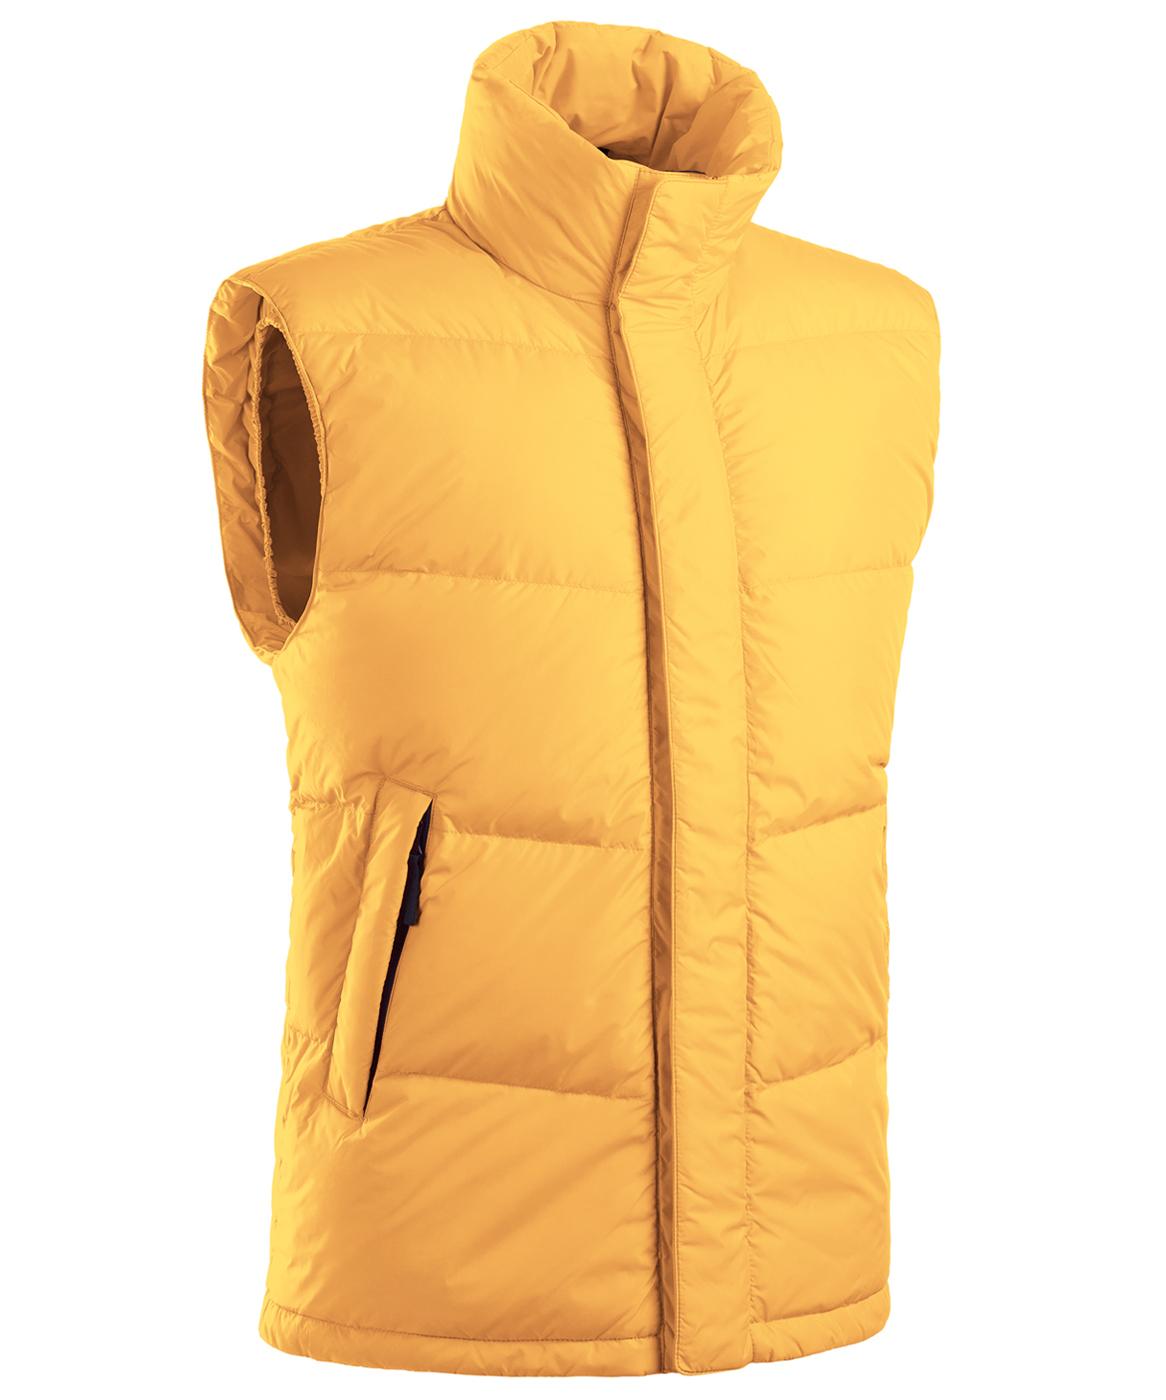 Купить Пуховый жилет BASK TRAVERSE MV желтый, Компания БАСК